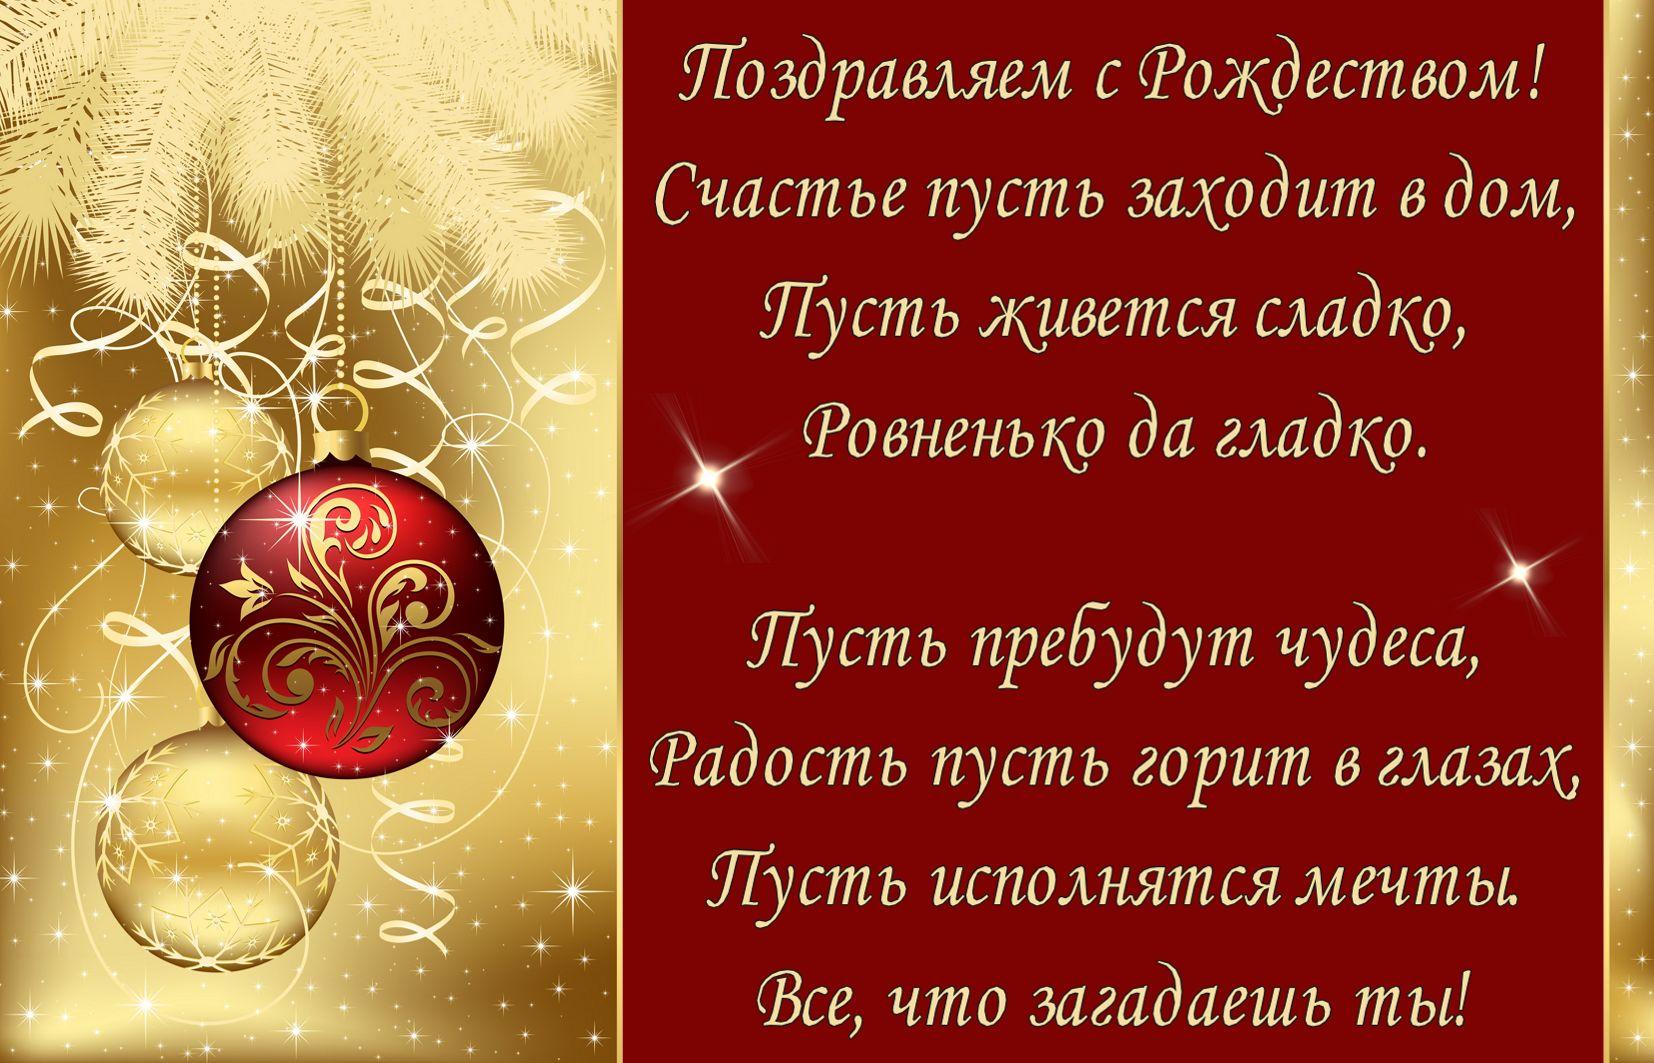 Поздравление на Рождество на красном фоне